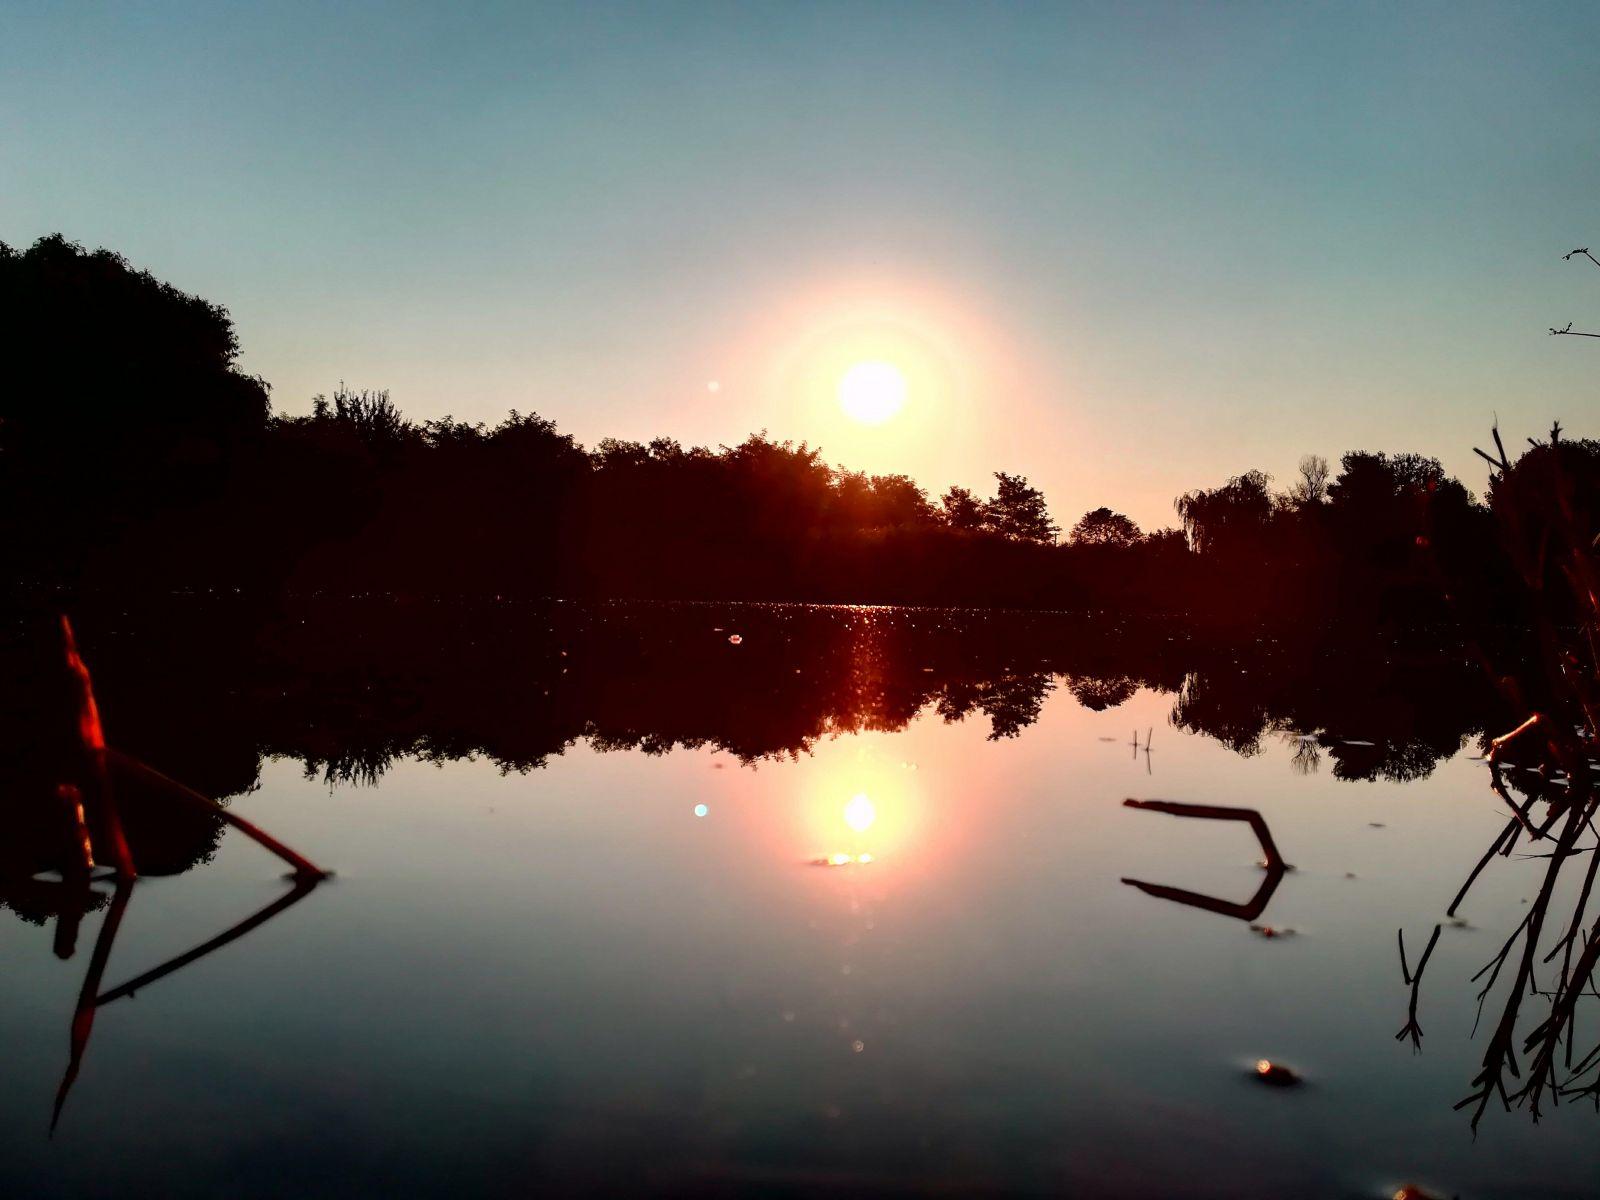 A hónap képe - Készítette: Derűs reggel a Kis-tónál